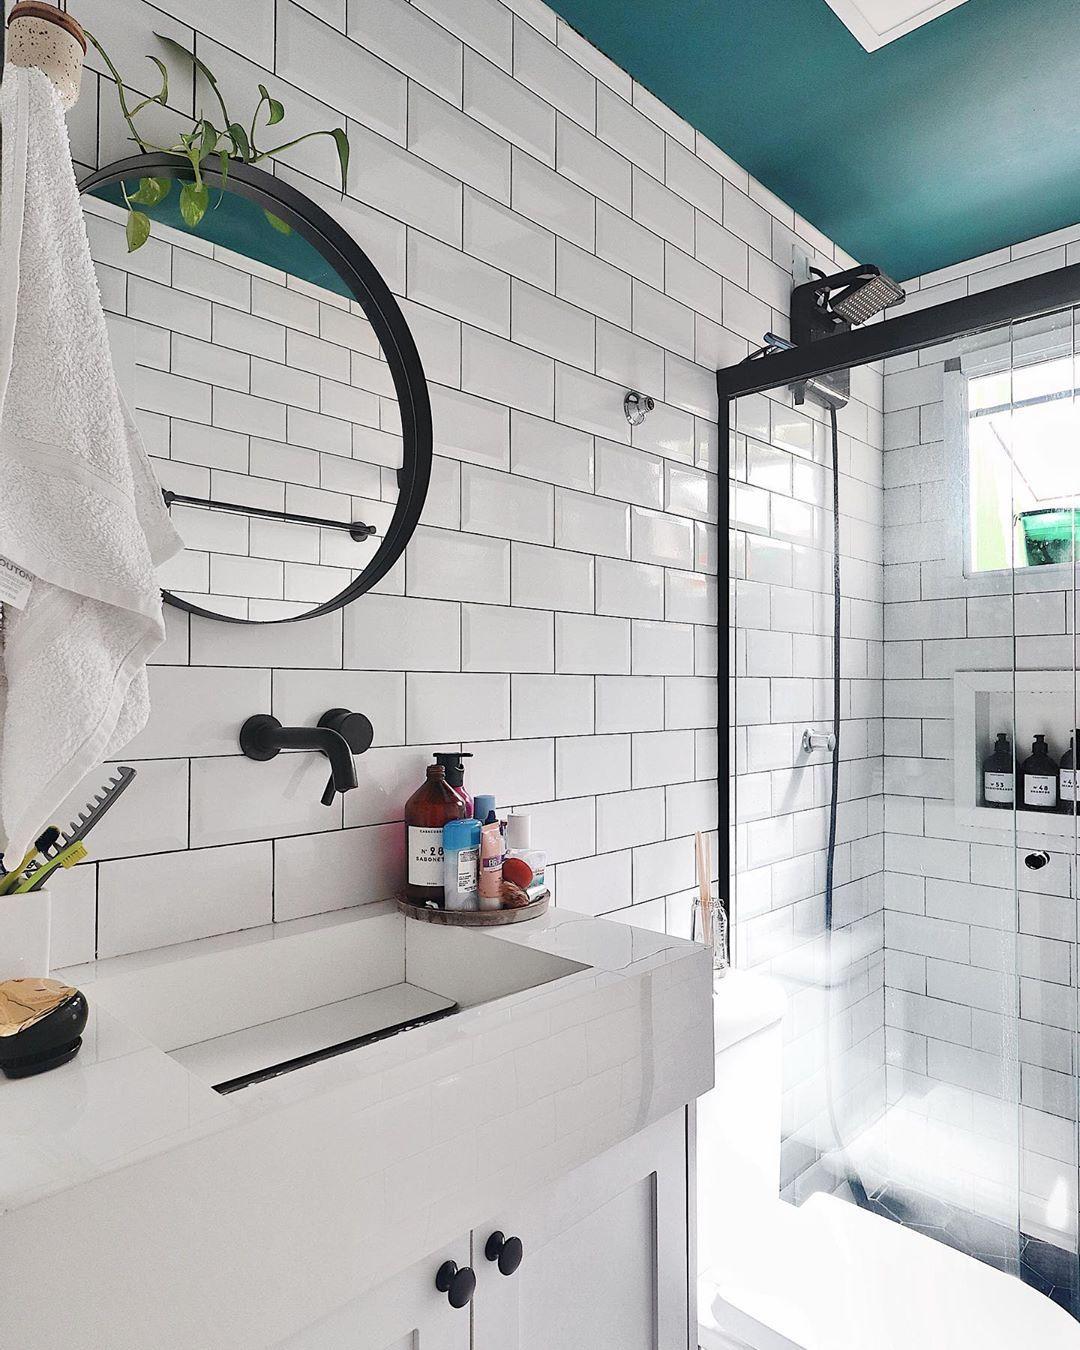 1 521 Curtidas 39 Comentarios Casa Cobre Casacobre No Instagram Ele Quase Nao Aparece Por A Em 2020 Tetos Azuis Espelho Redondo Como Decorar Banheiro Pequeno